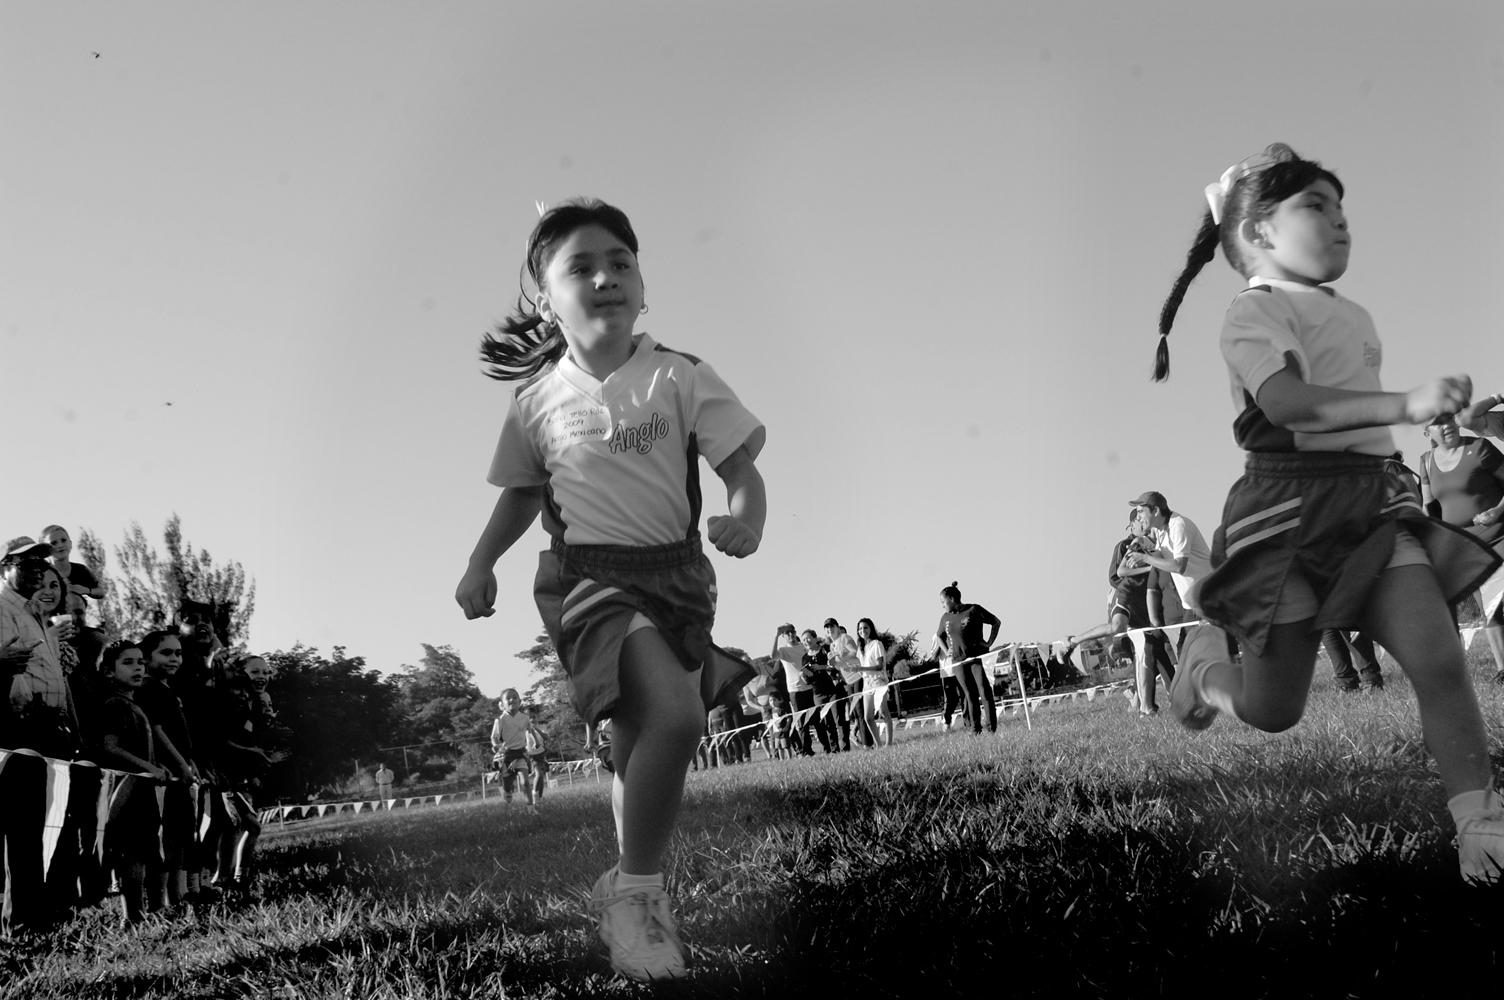 Se impone IAM en carrera atlética a campo traviesa Copa Halloween 2014